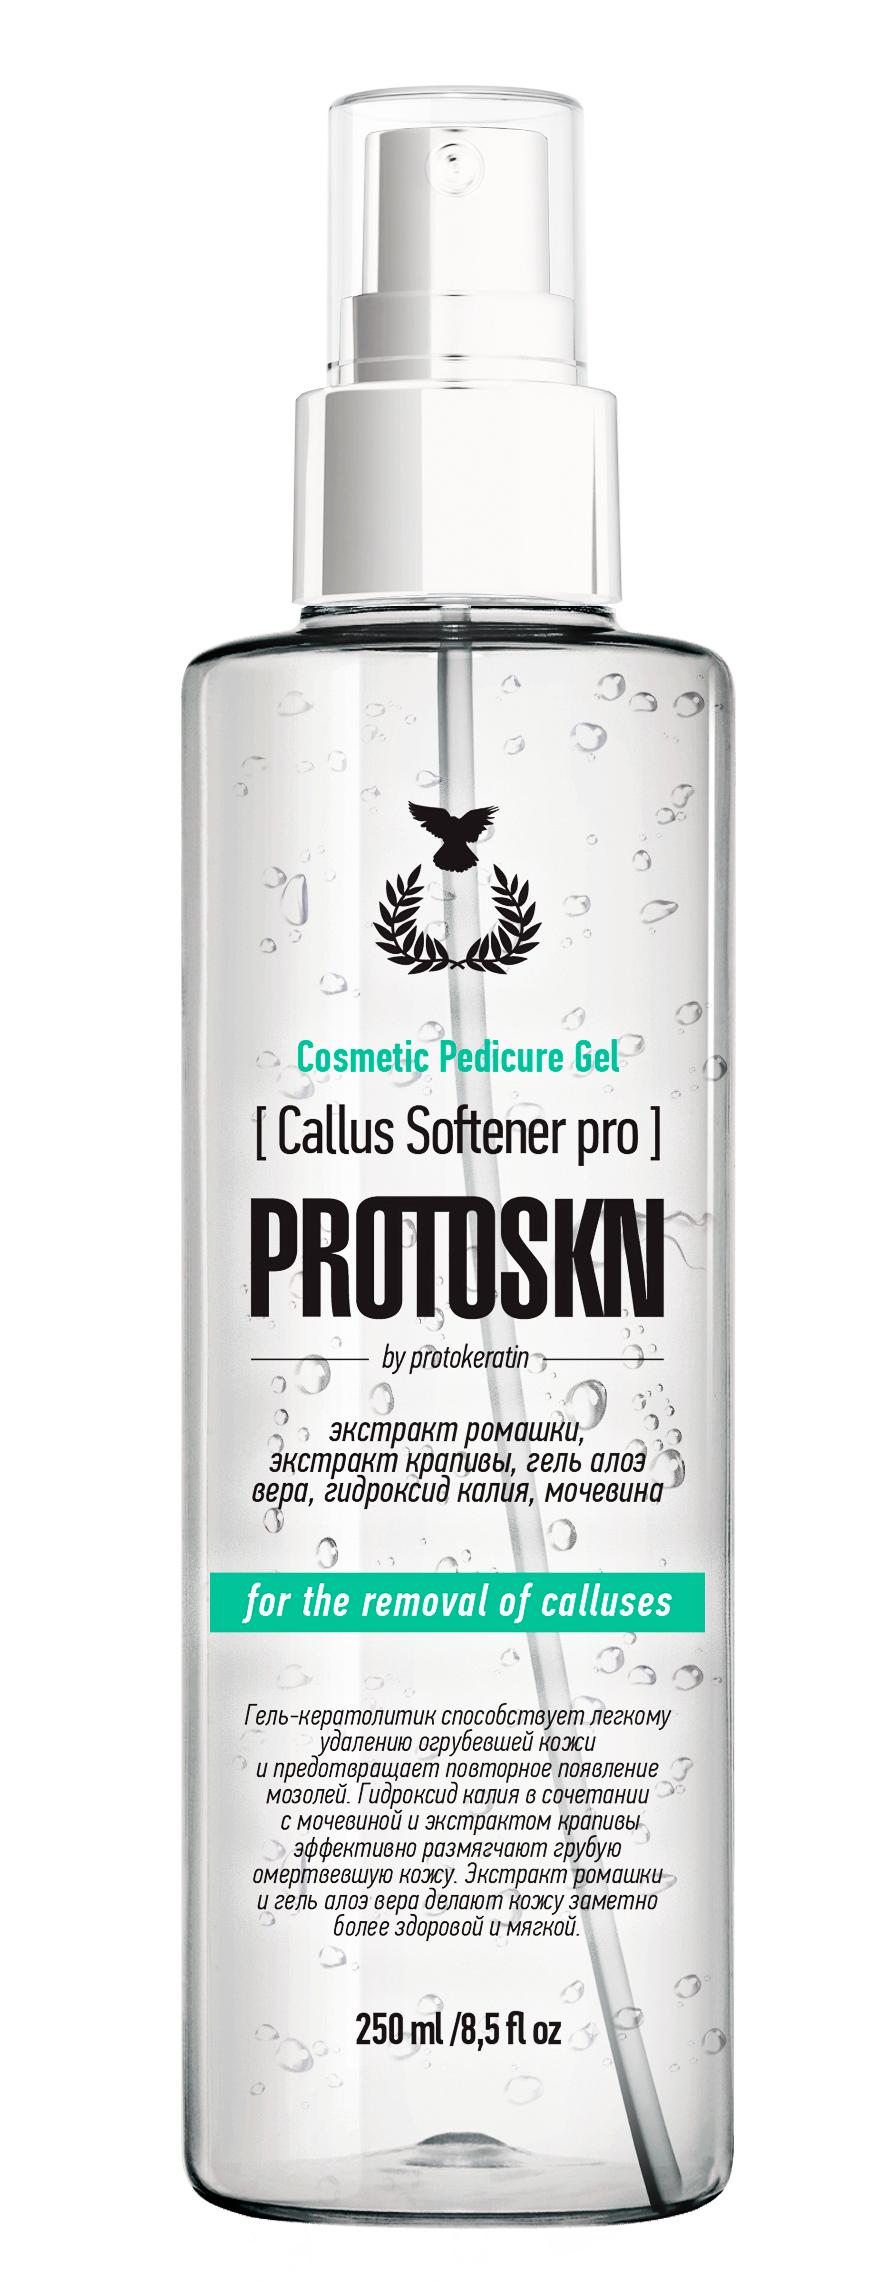 PROTOKERATIN Гель-кератолитик для удаления мозолей и натоптышей / ProtoSKN Callus Softener, 250 мл -  Размягчители для педикюра